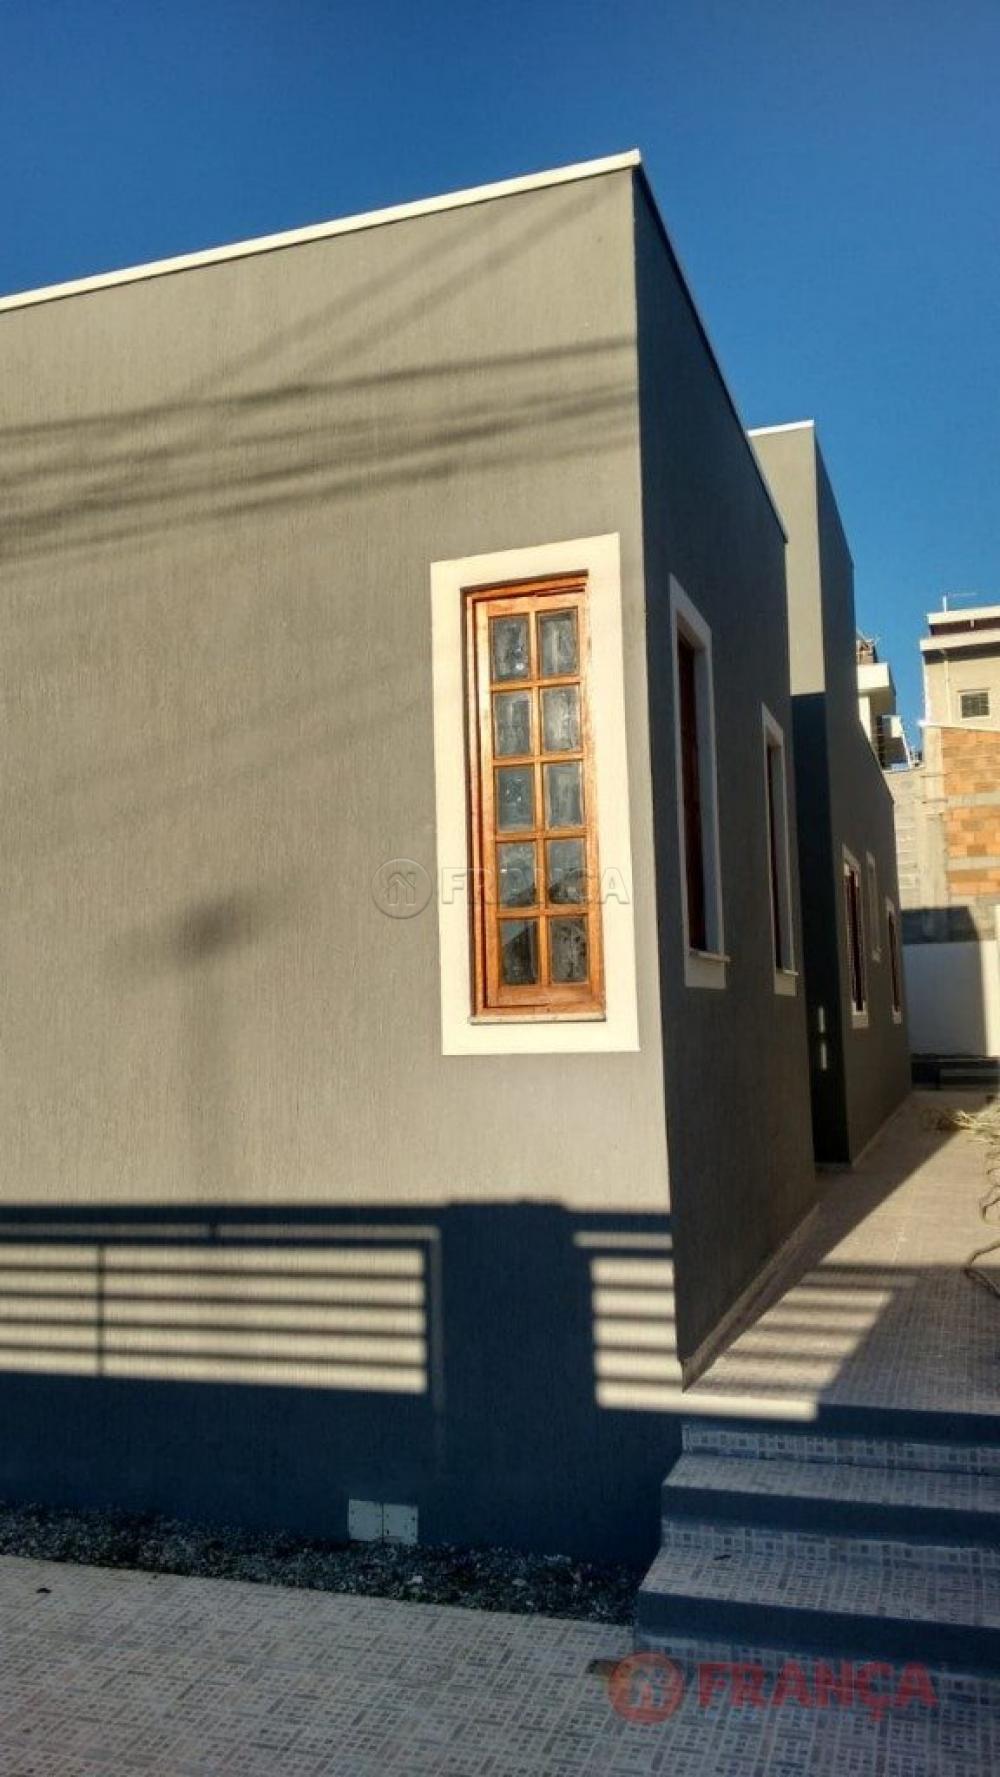 Comprar Casa / Padrão em Jacareí apenas R$ 265.000,00 - Foto 39